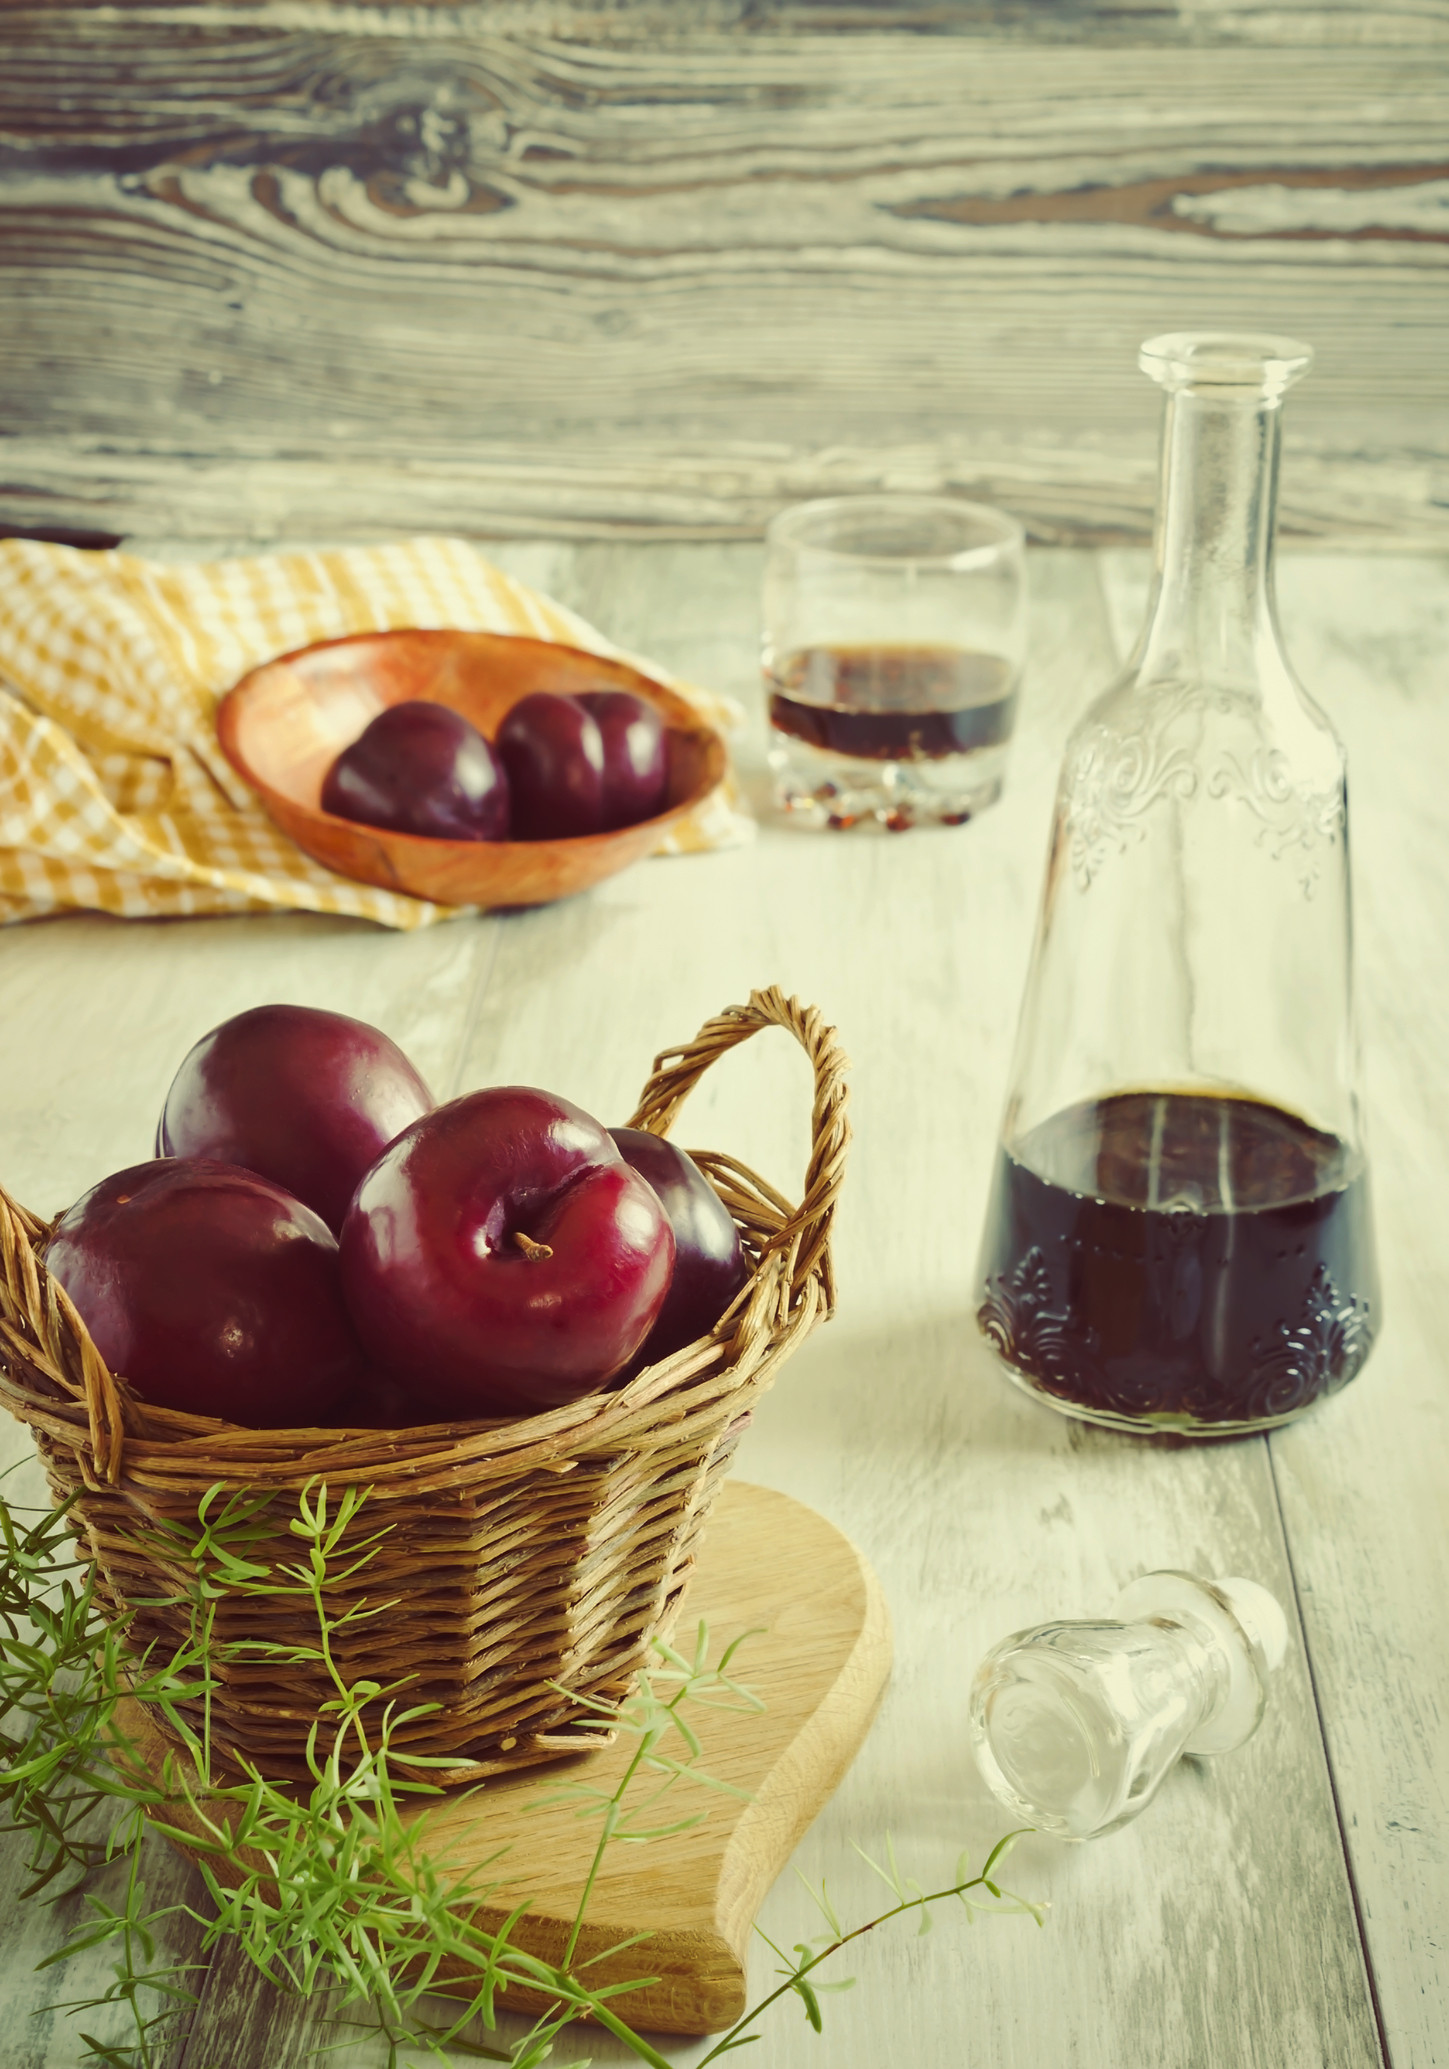 Настойка из алычи в домашних условиях рецепт